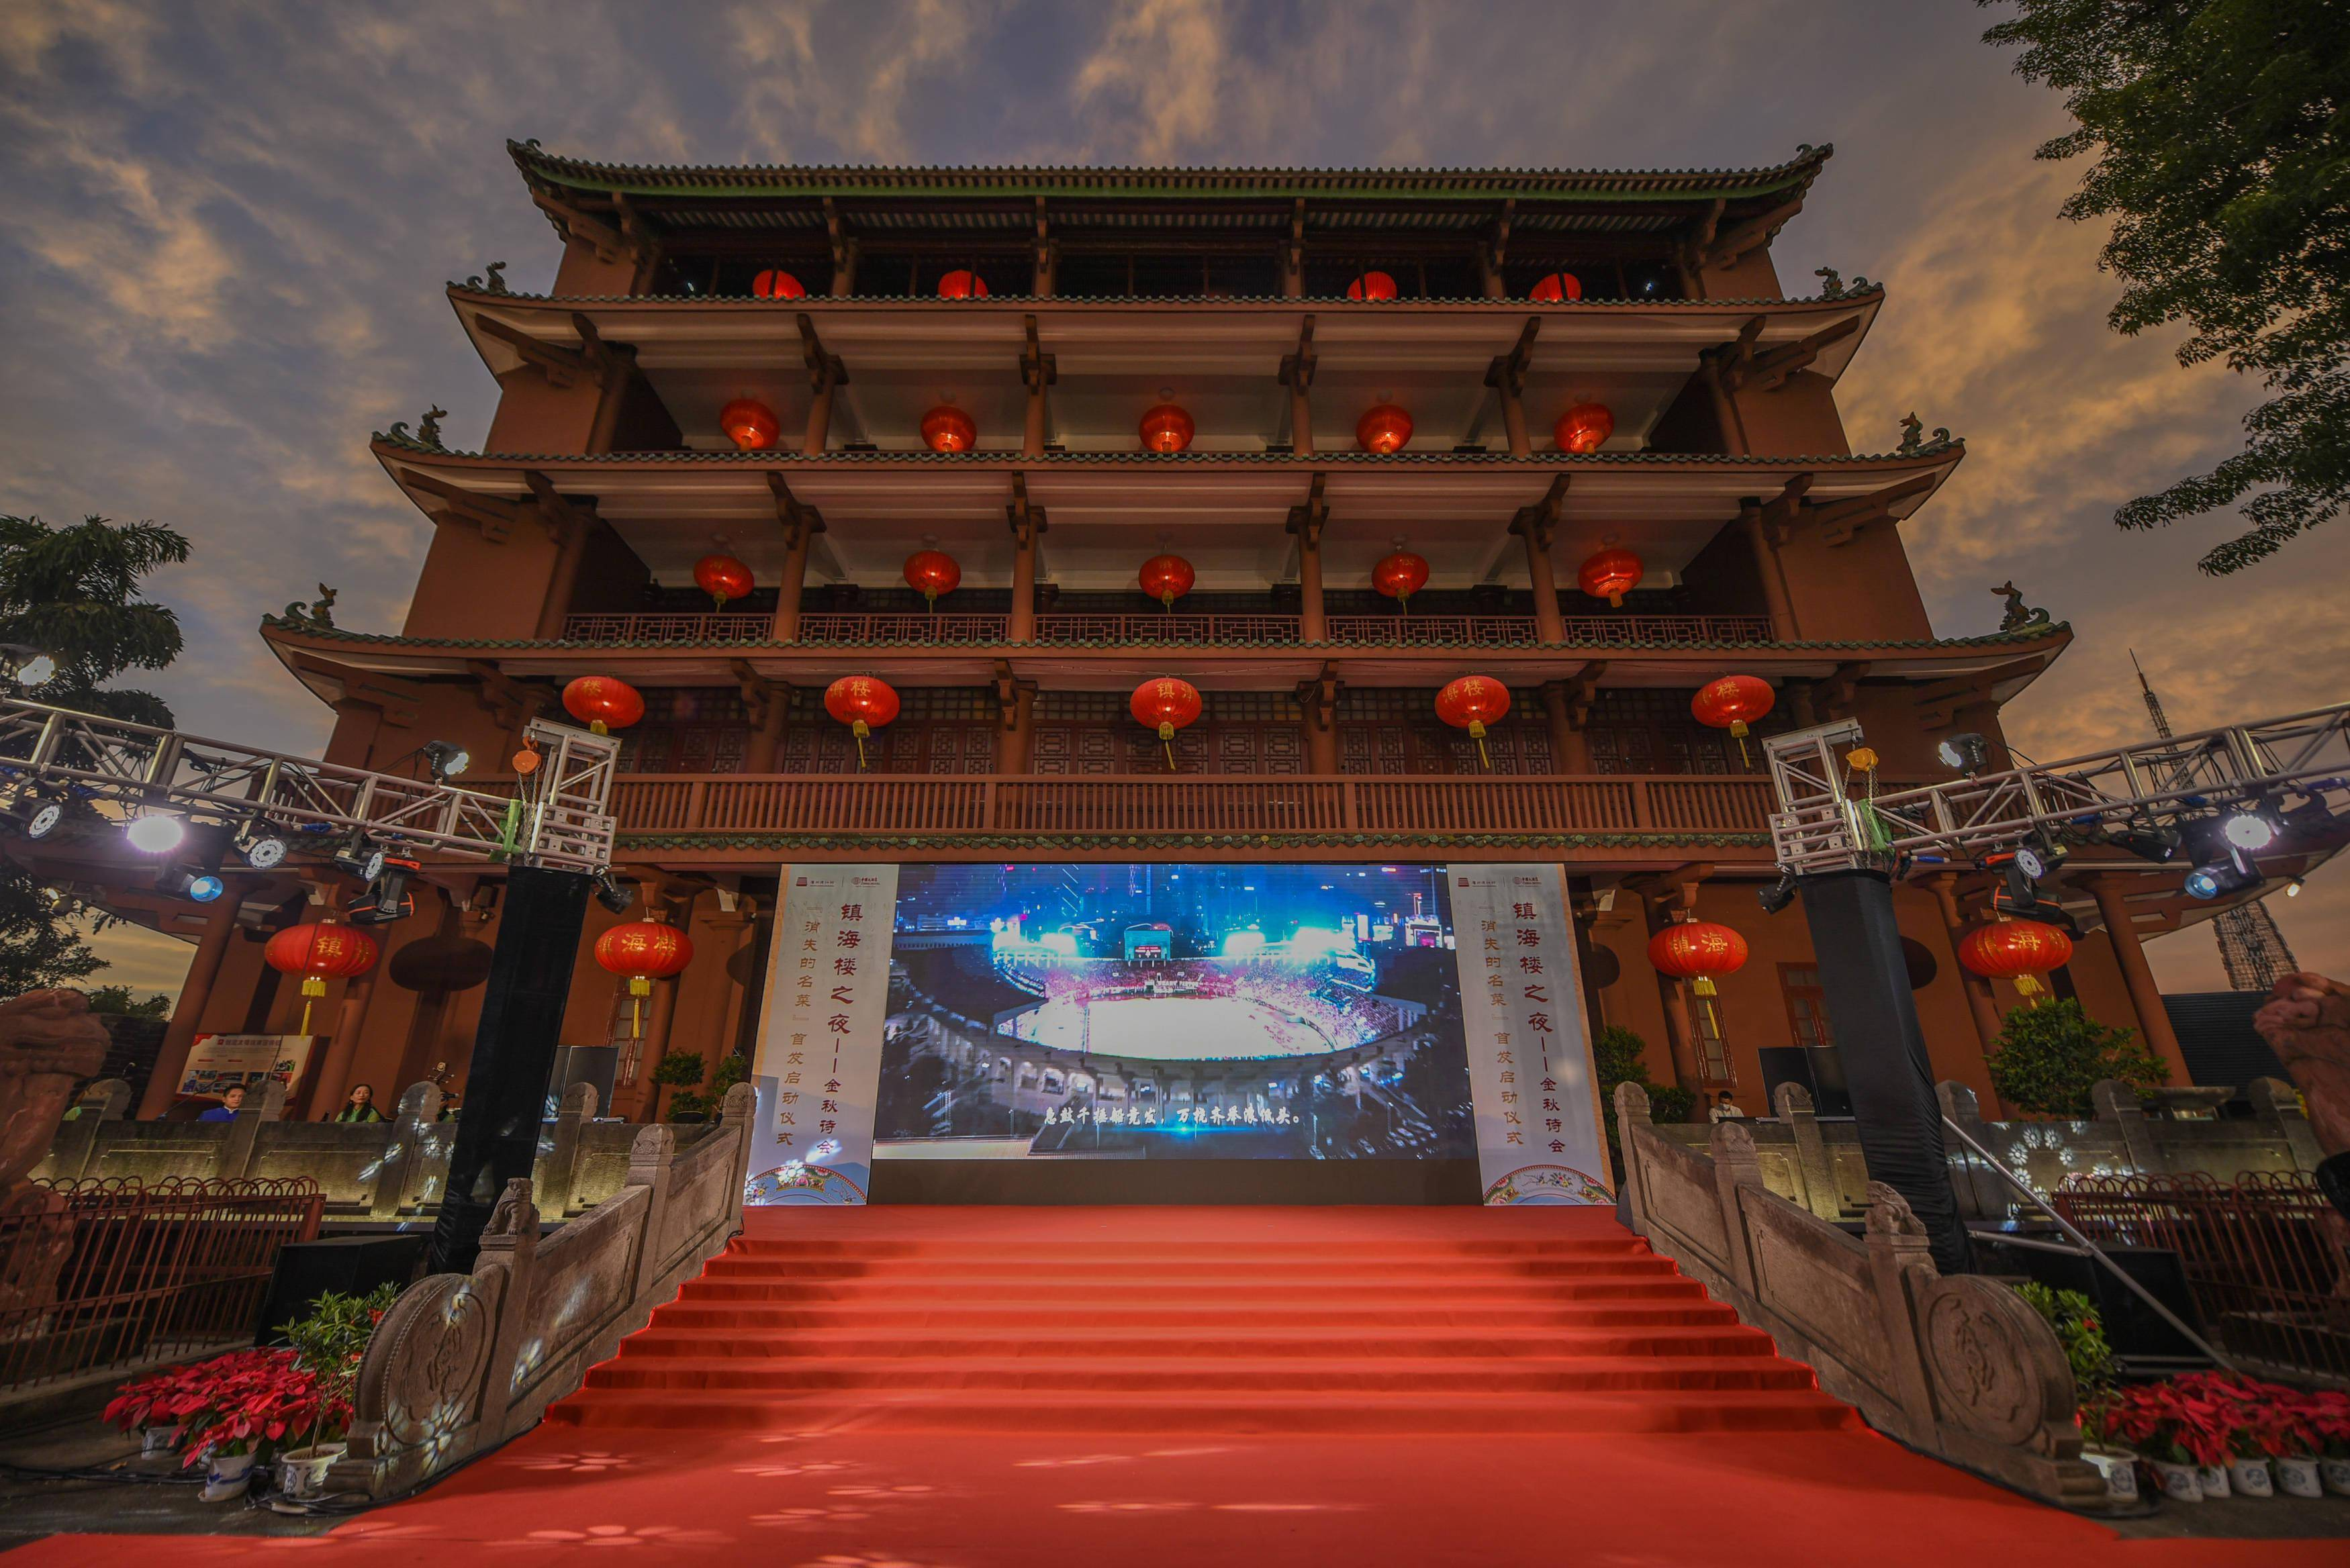 广州博物馆镇海楼观后感 参观镇海楼的观后感